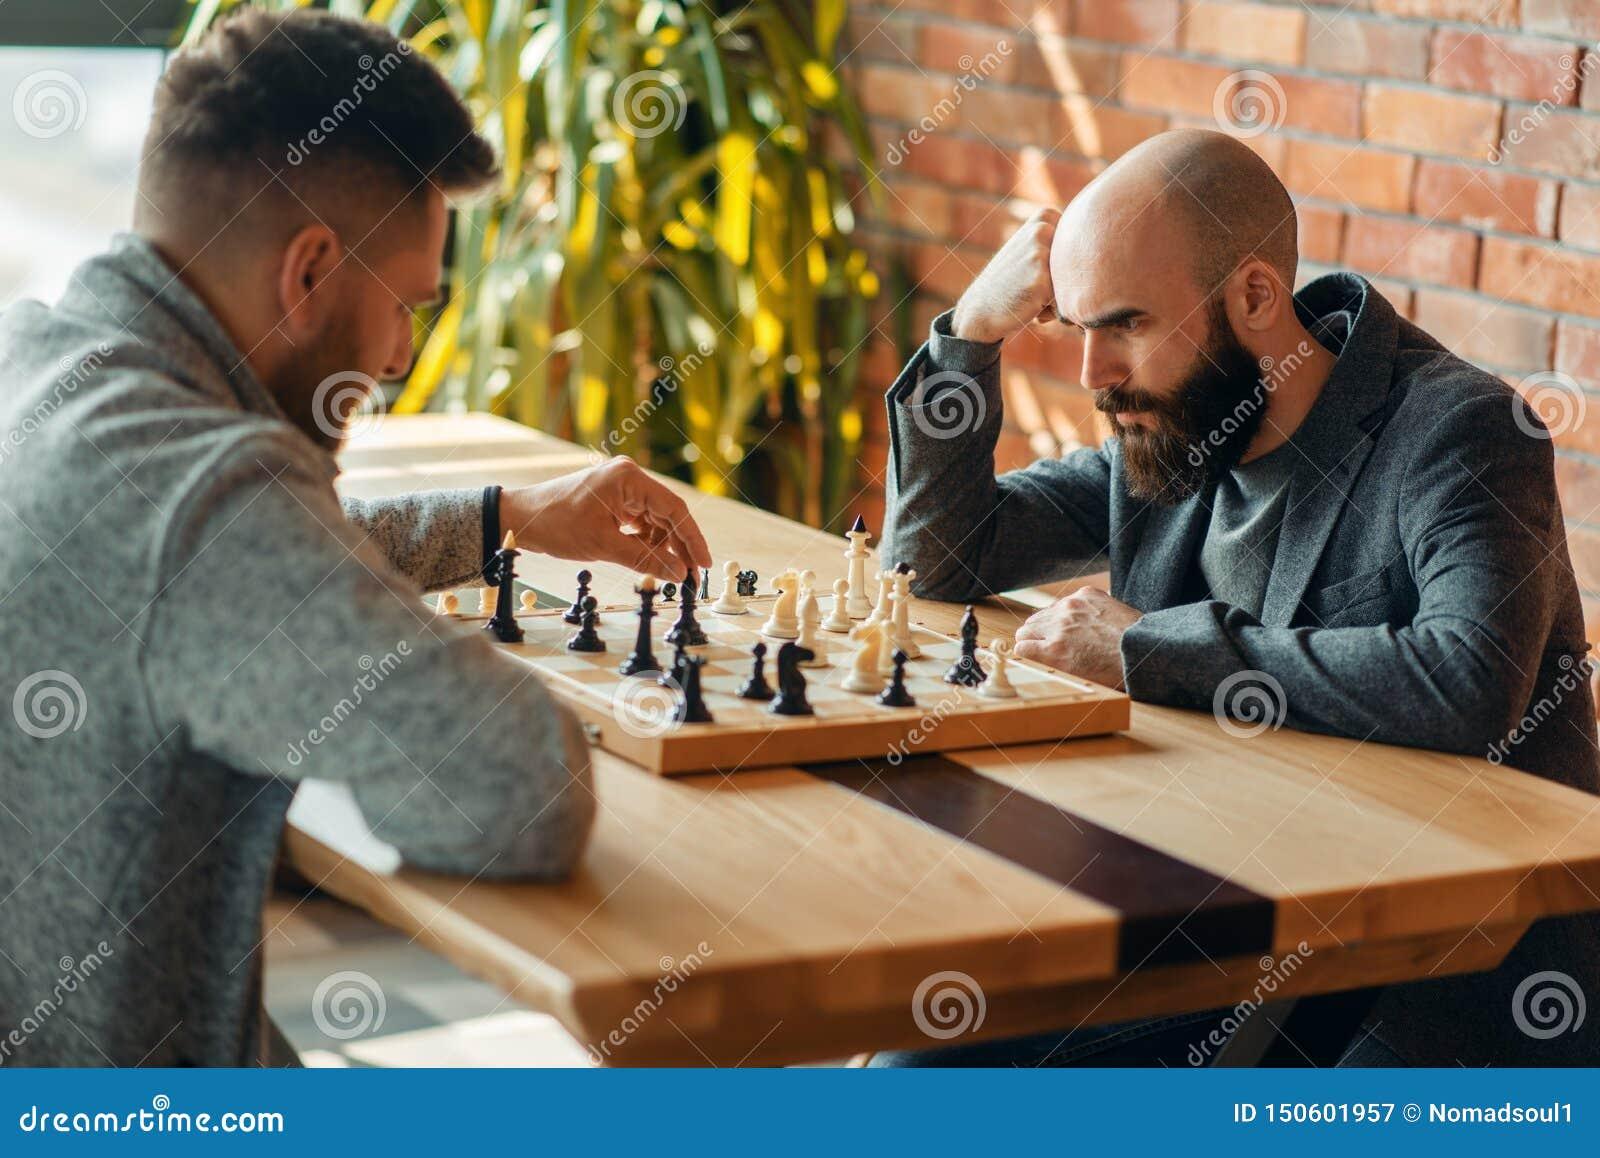 Οι αρσενικοί φορείς σκακιού, κινούν το μαύρο ελέφαντα